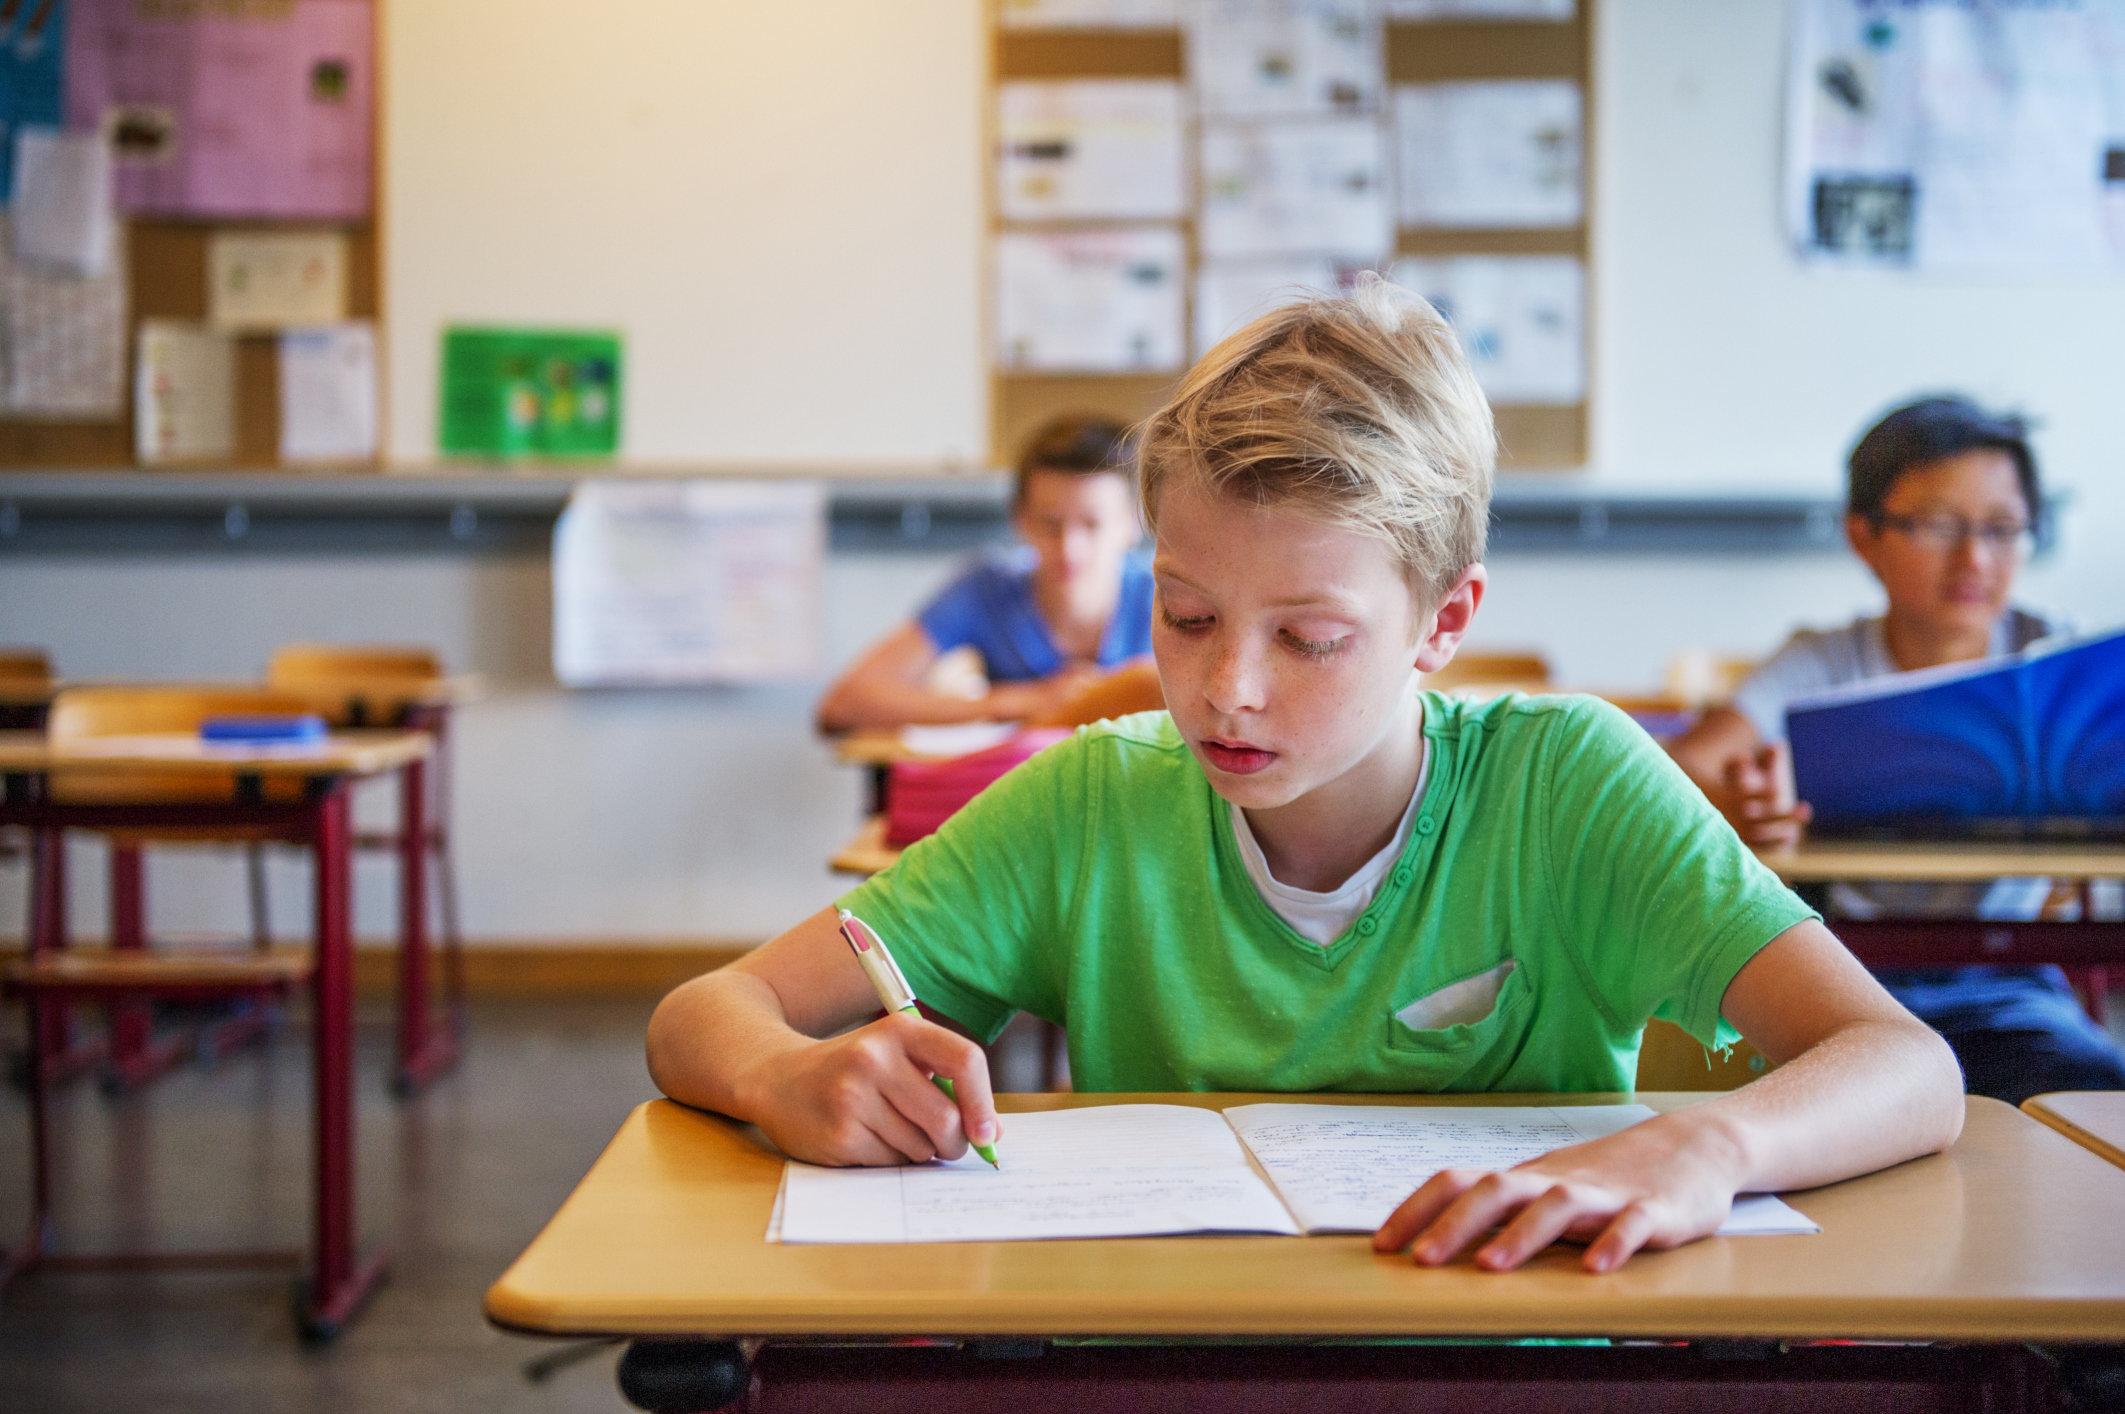 """Studie kritisiert """"Schreiben nach Gehör"""": Warum Lehrer die Methode trotzdem"""